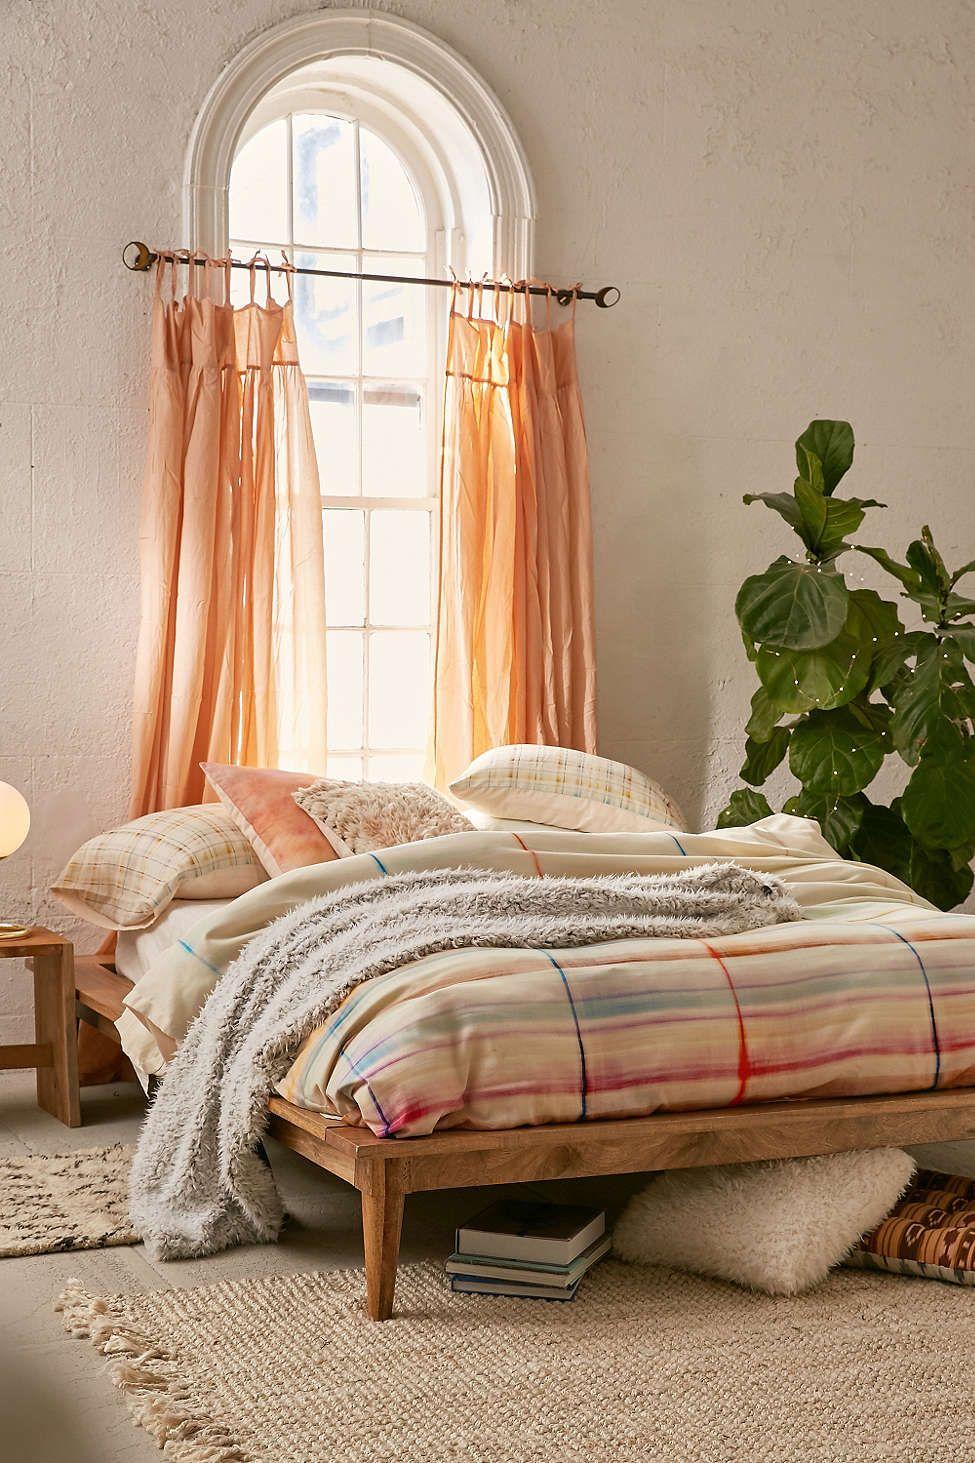 Best Amelia Platform Bed Platform Bed Home Bedroom Decor 400 x 300